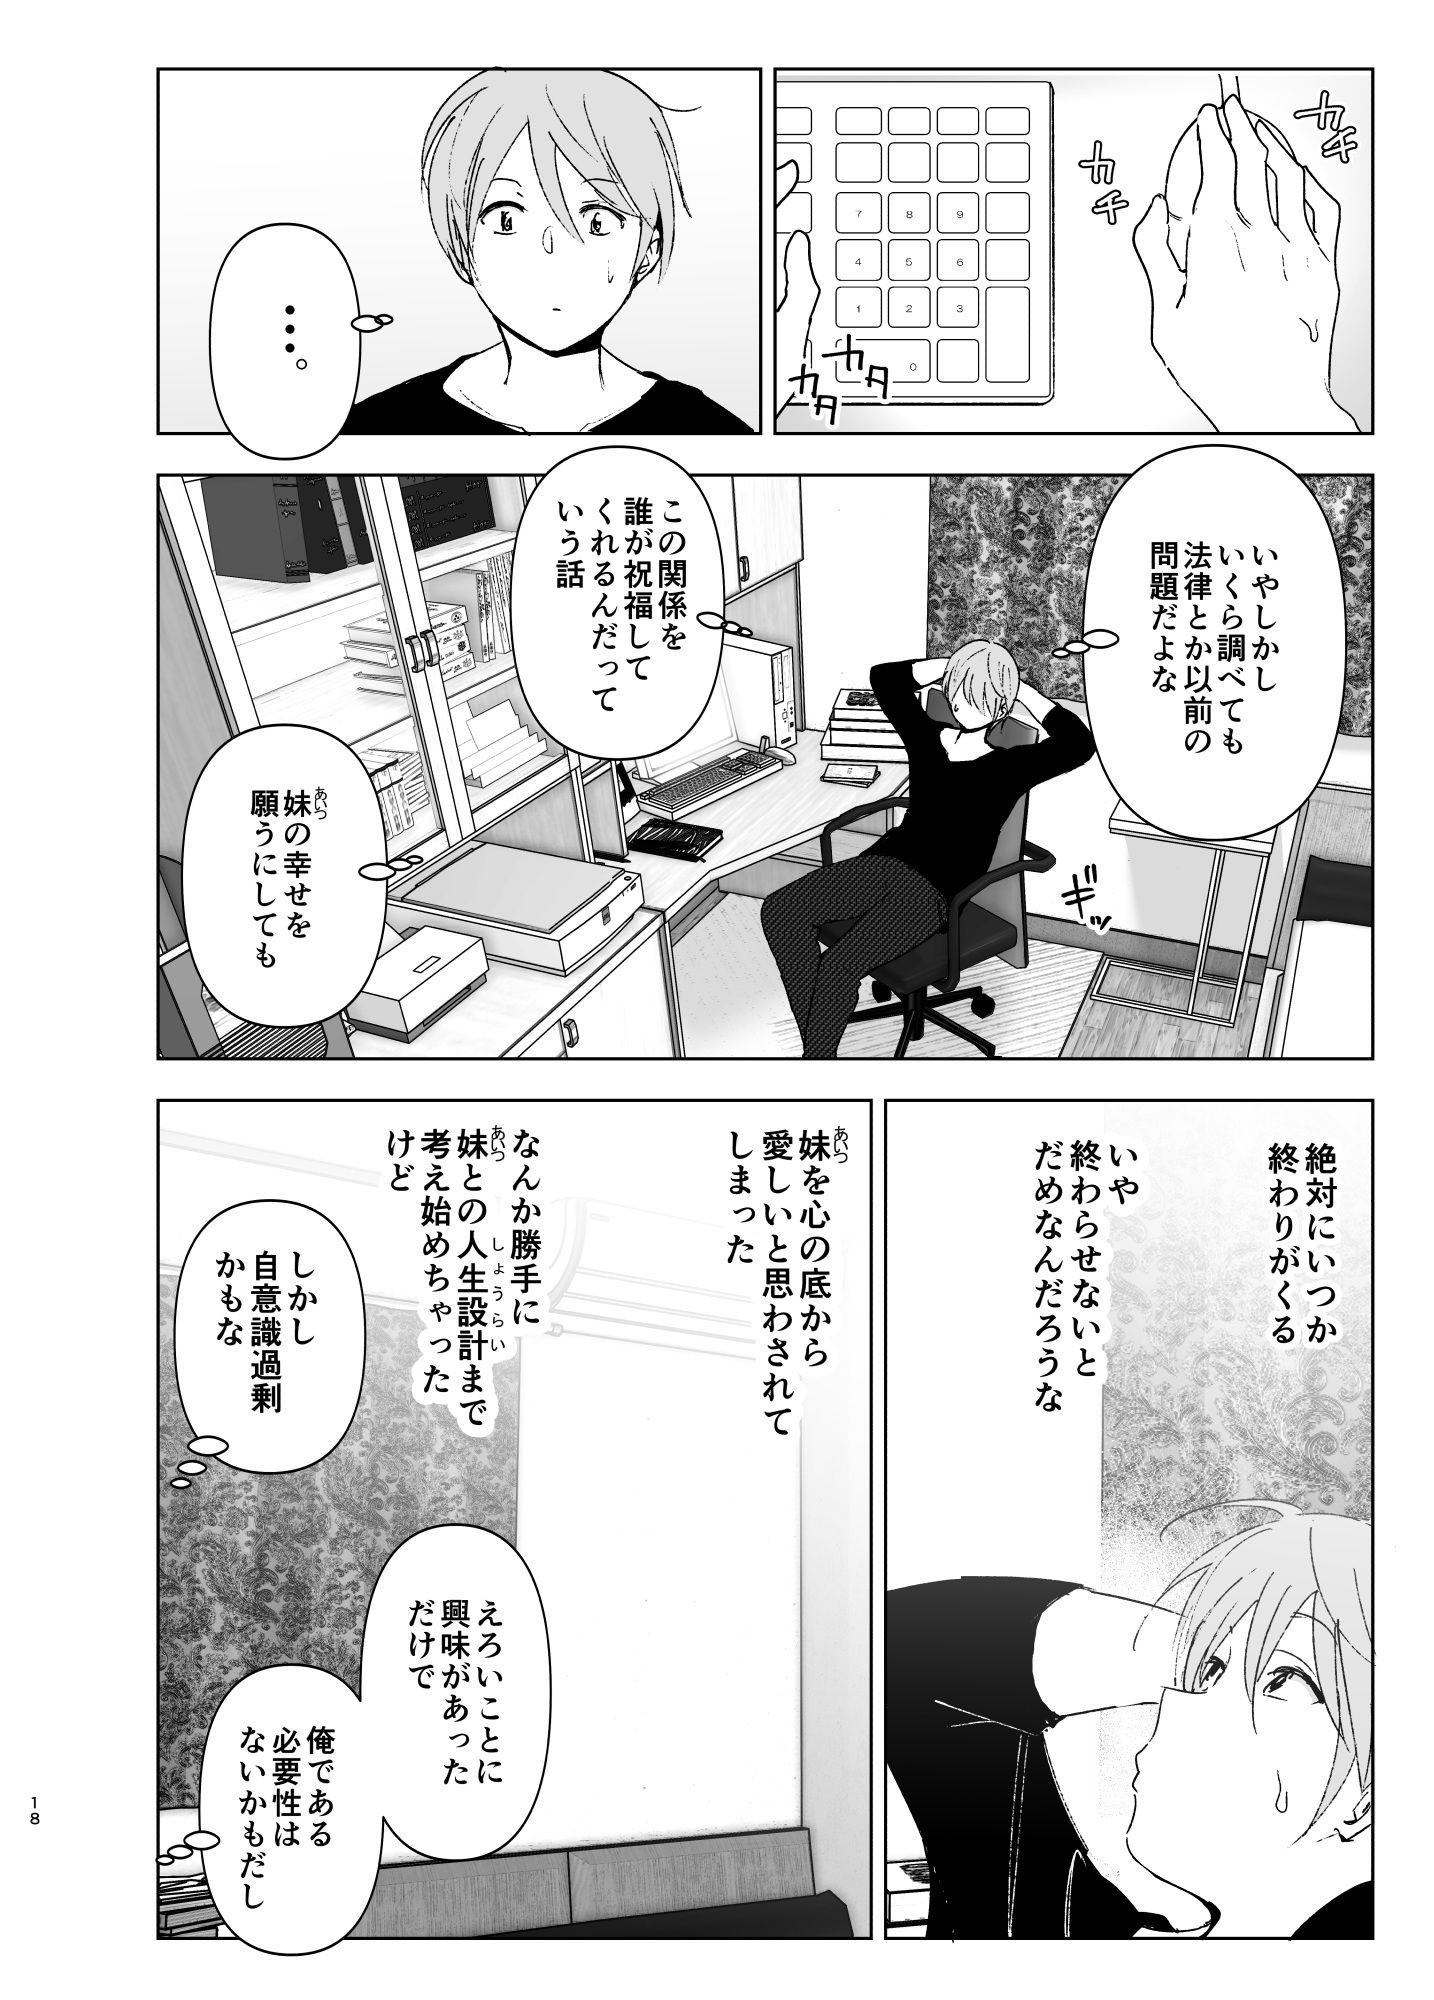 エロ-8-7 兄と妹の少し切ない純愛エロ漫画に勃起が収まらないwww【エロ漫画:昔は可愛かった2:すぺ】